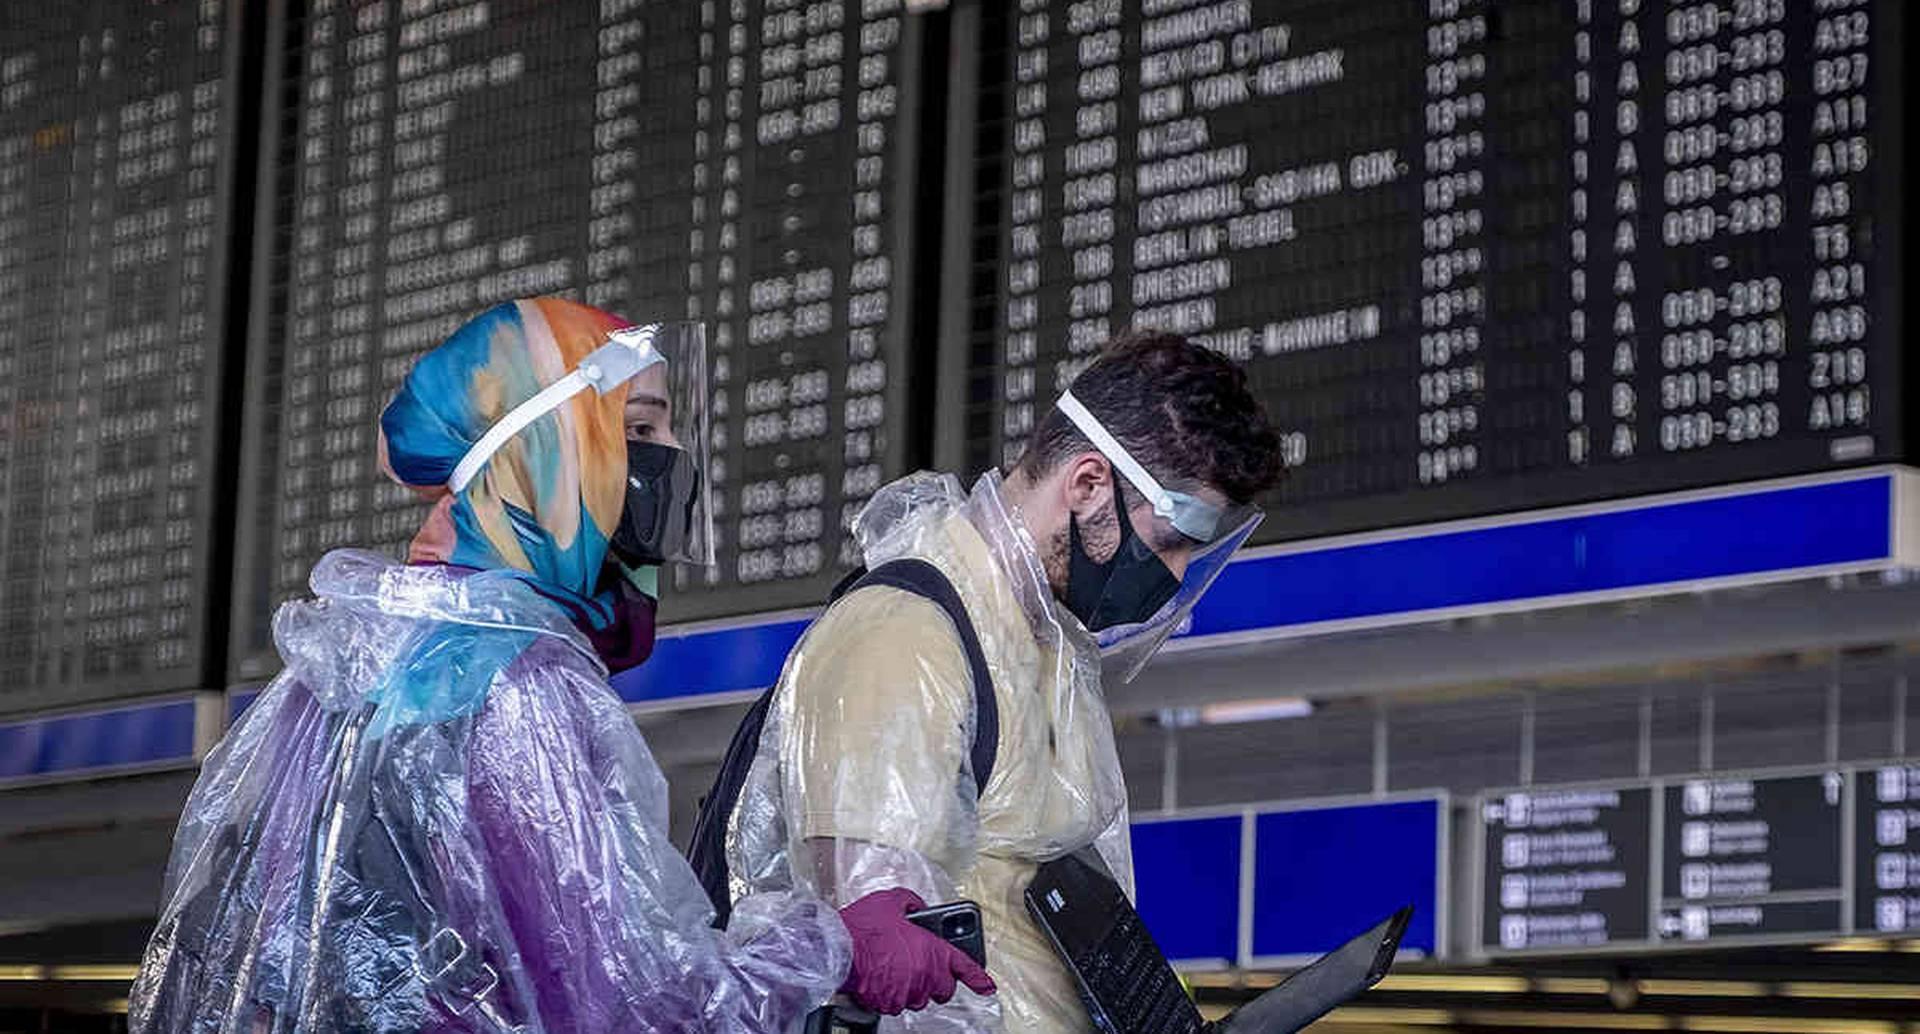 Tomar un vuelo implica ahora no sólo más tiempo sino una parafernalia más compleja. Basta ver a esta pareja de pasajeros con su equipo de protección en el aeropuerto de Frankfurt, Alemania. Imagen del 24 de julio. Foto: Michael Probst / AP